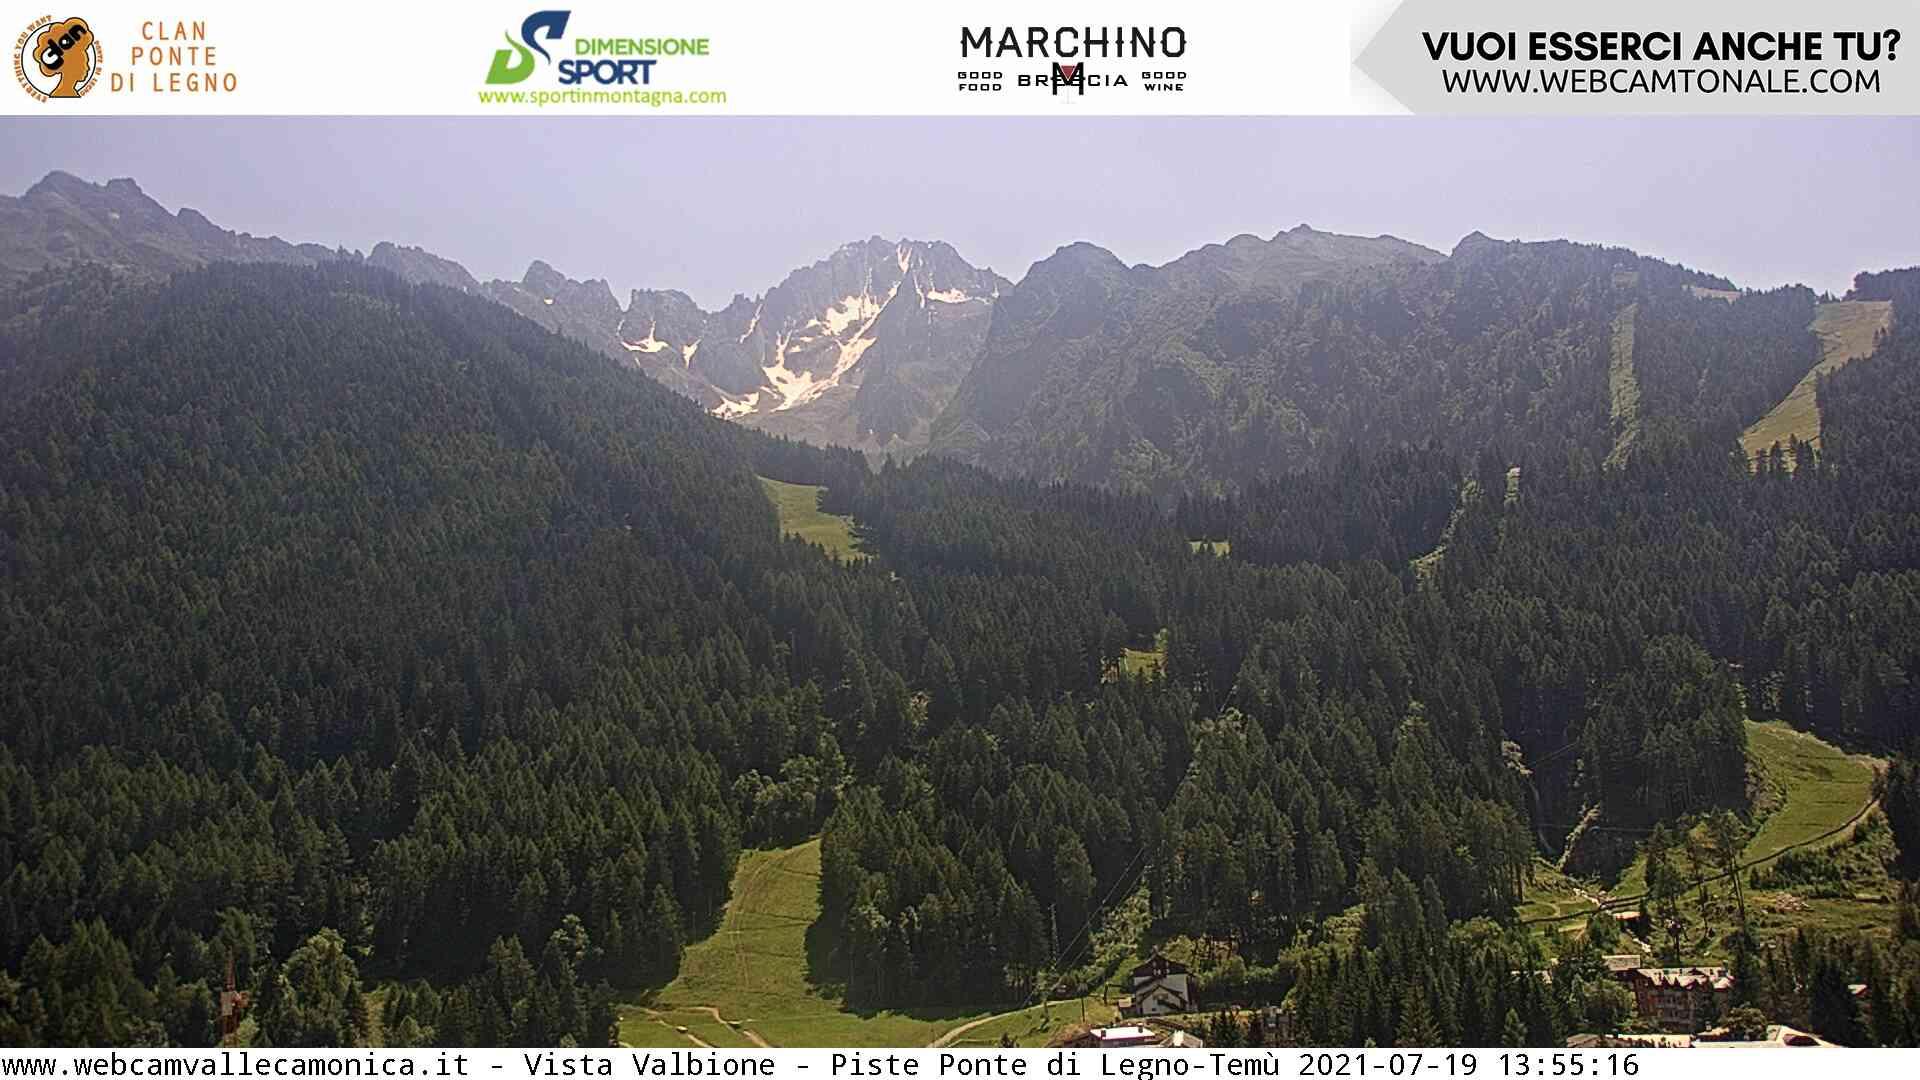 Ponte di Legno webcam - Valbione slope